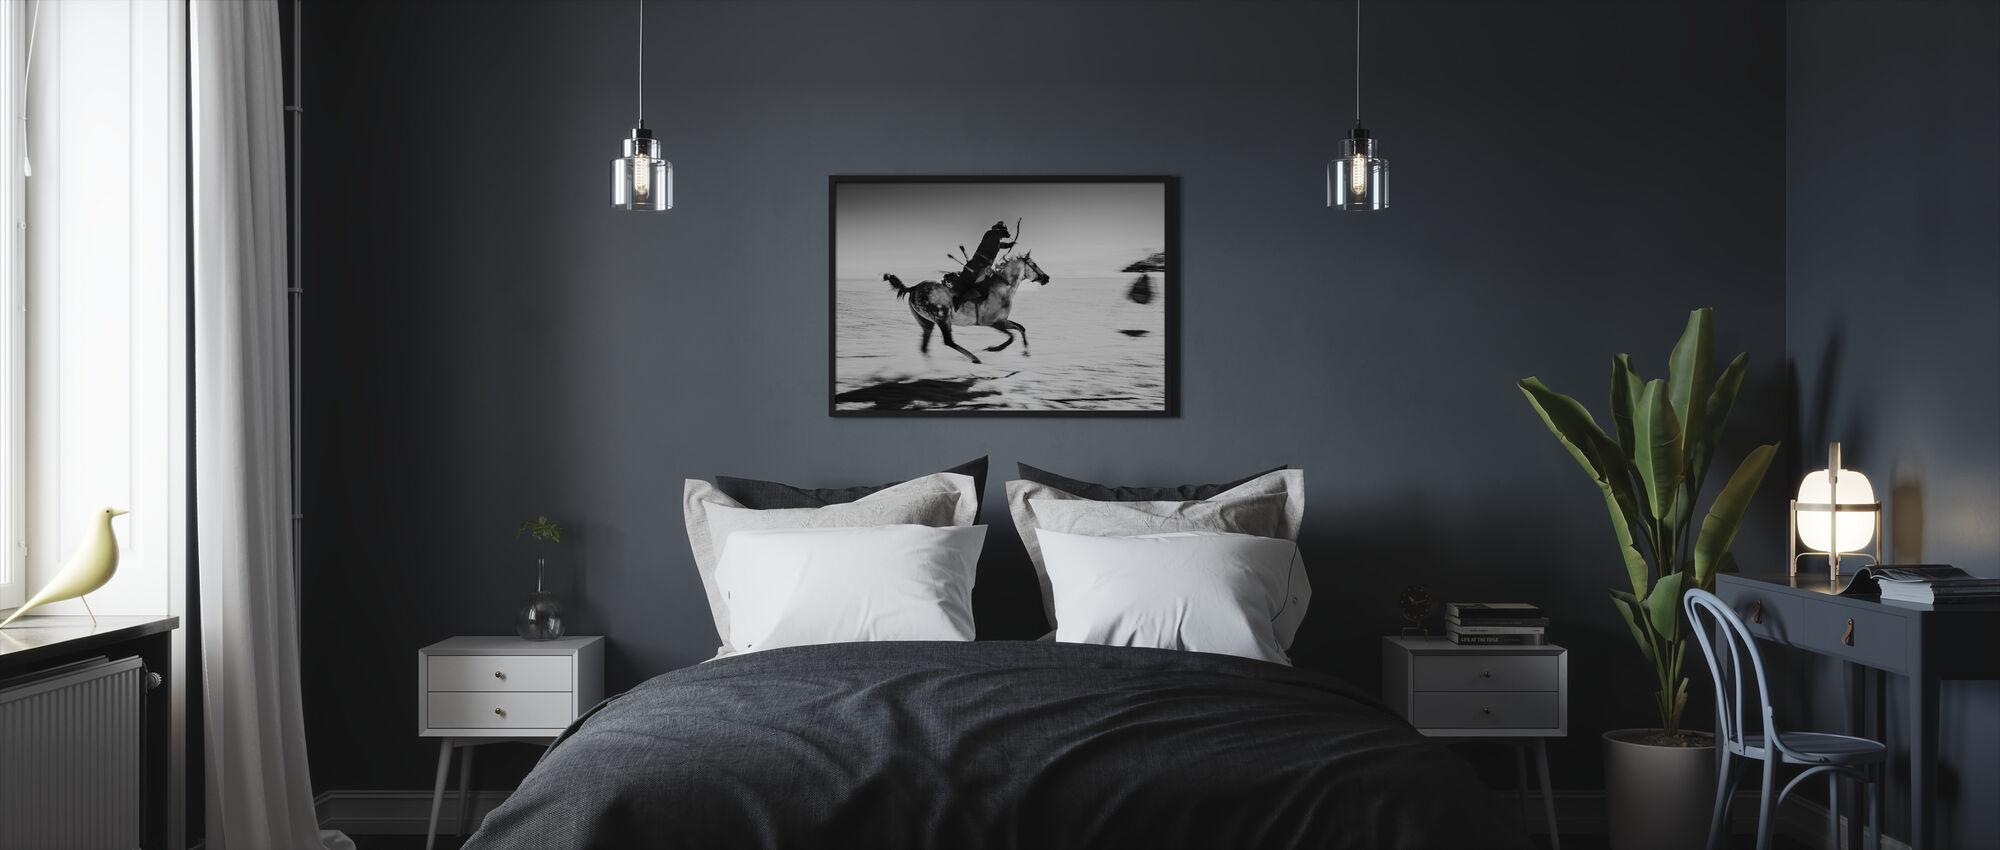 Galopping Hest og Bowman, sort og hvid - Innrammet bilde - Soverom